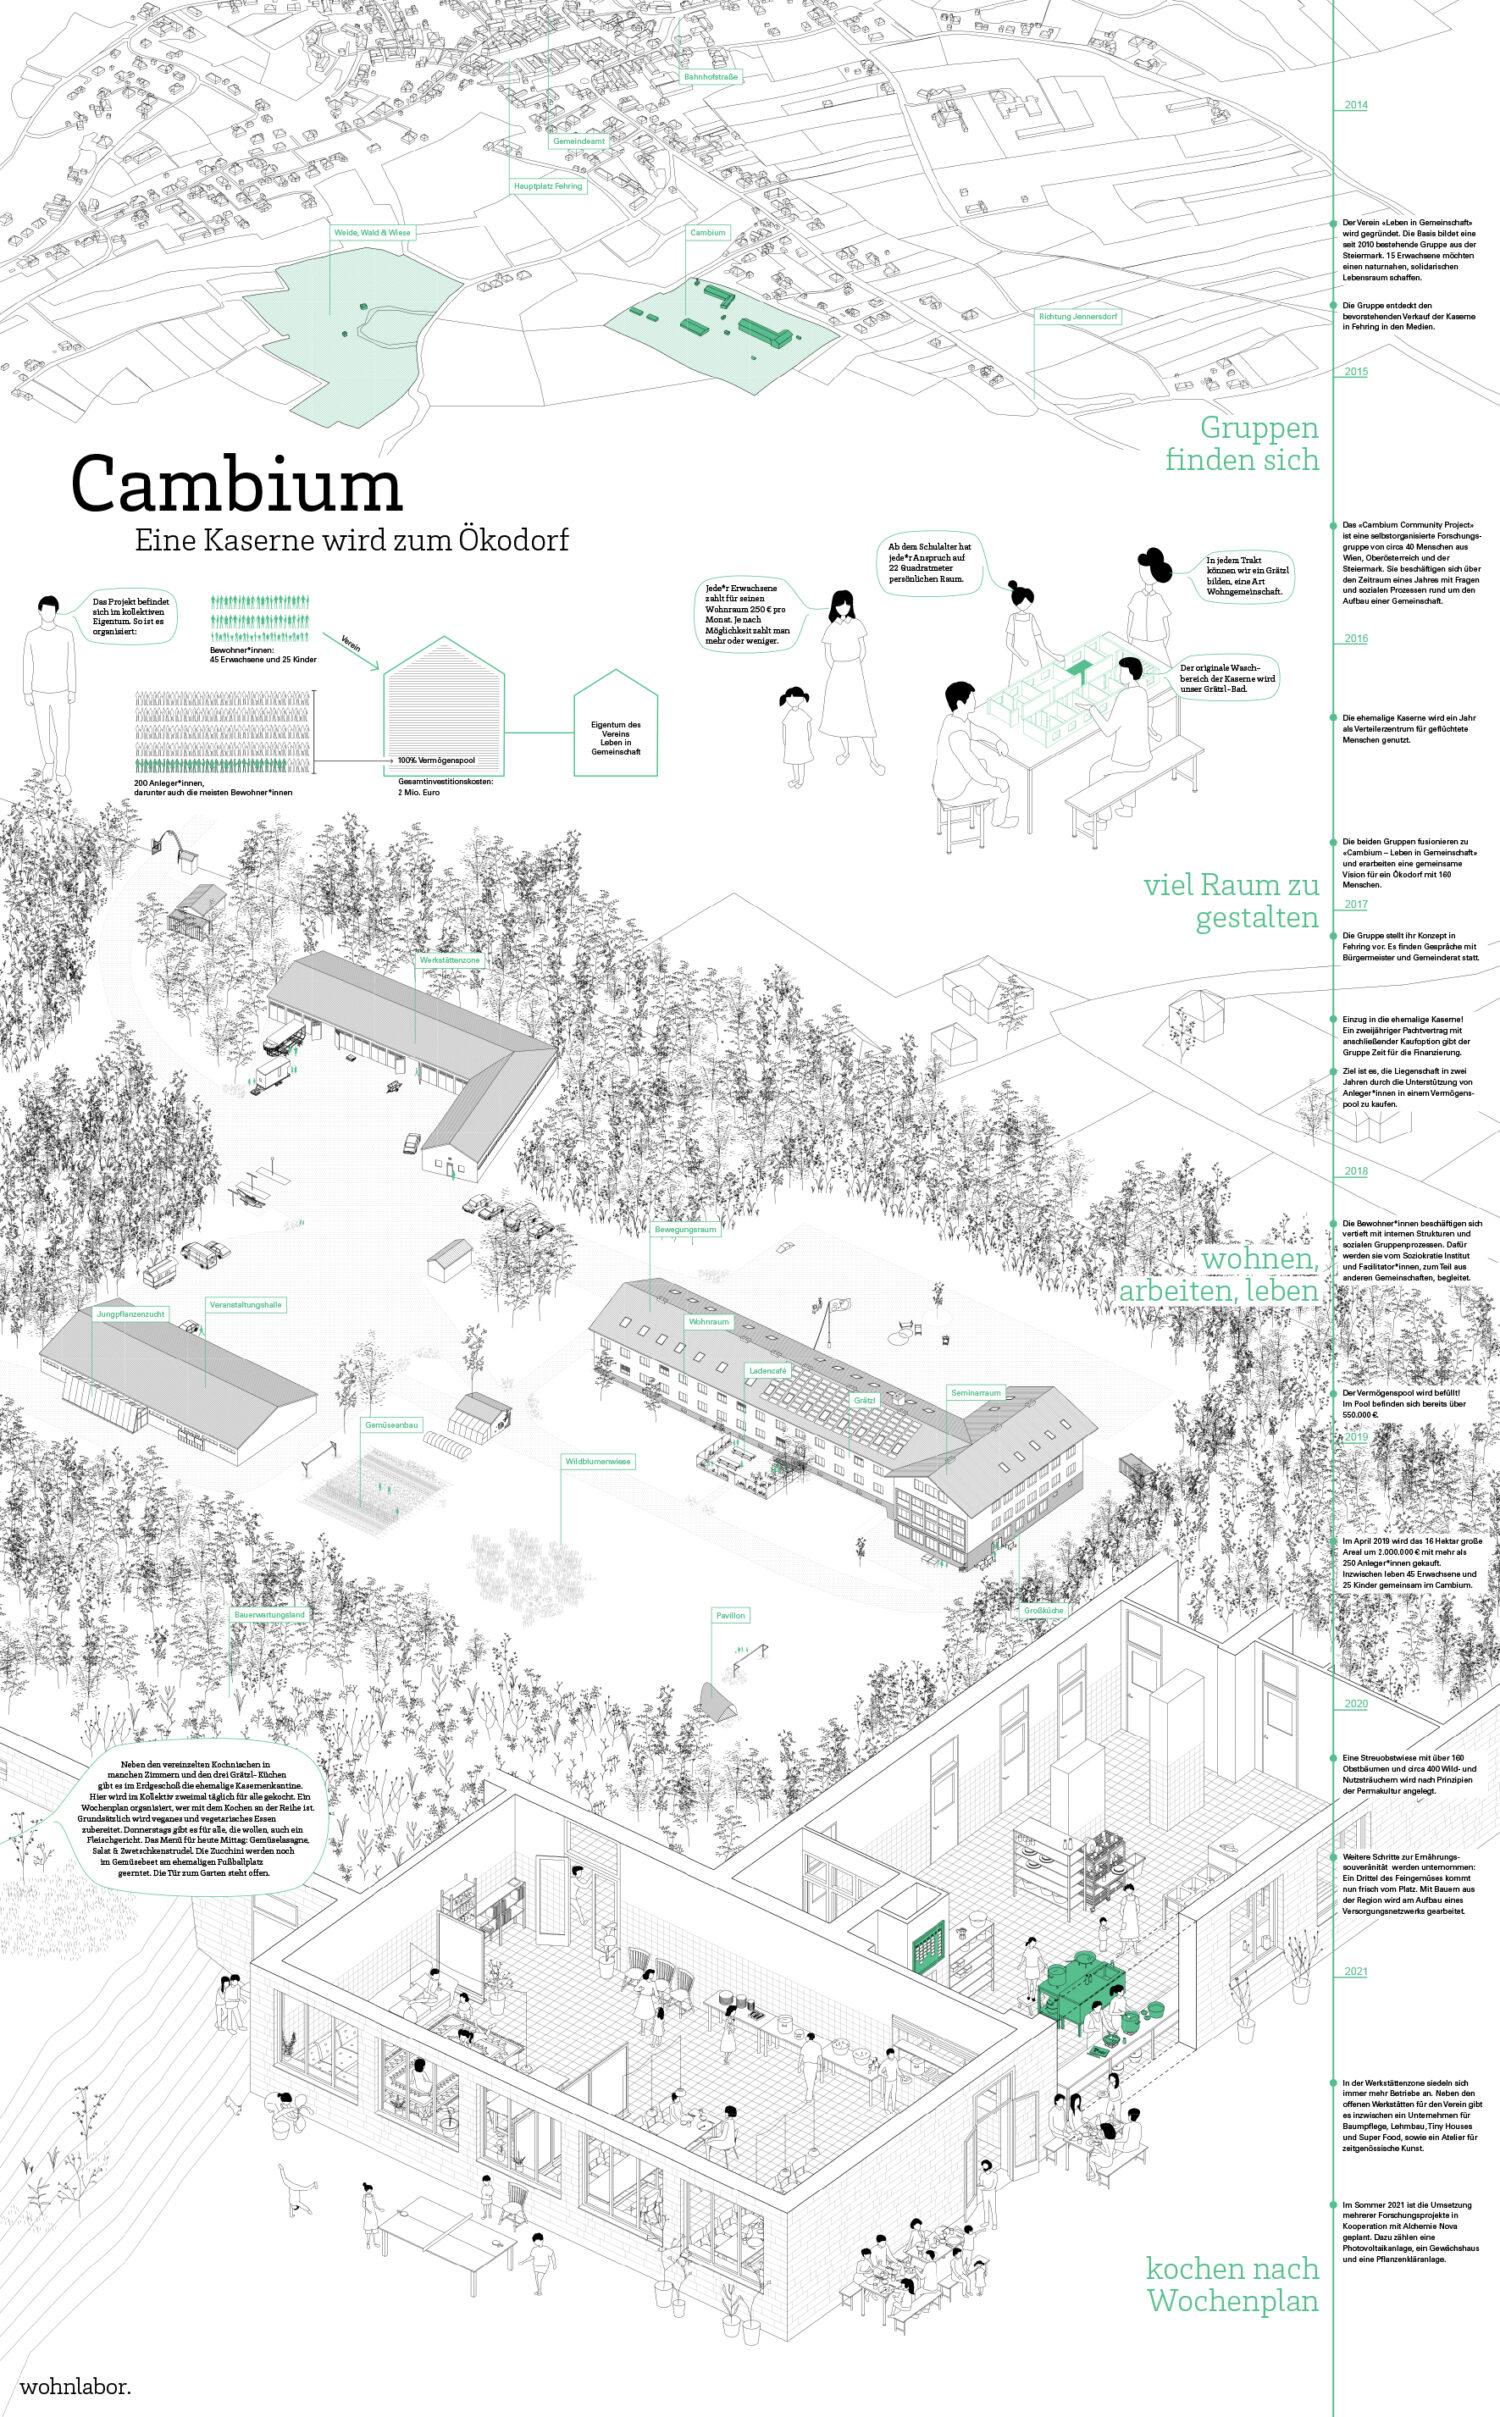 Cambium, Fehring © wohnlabor